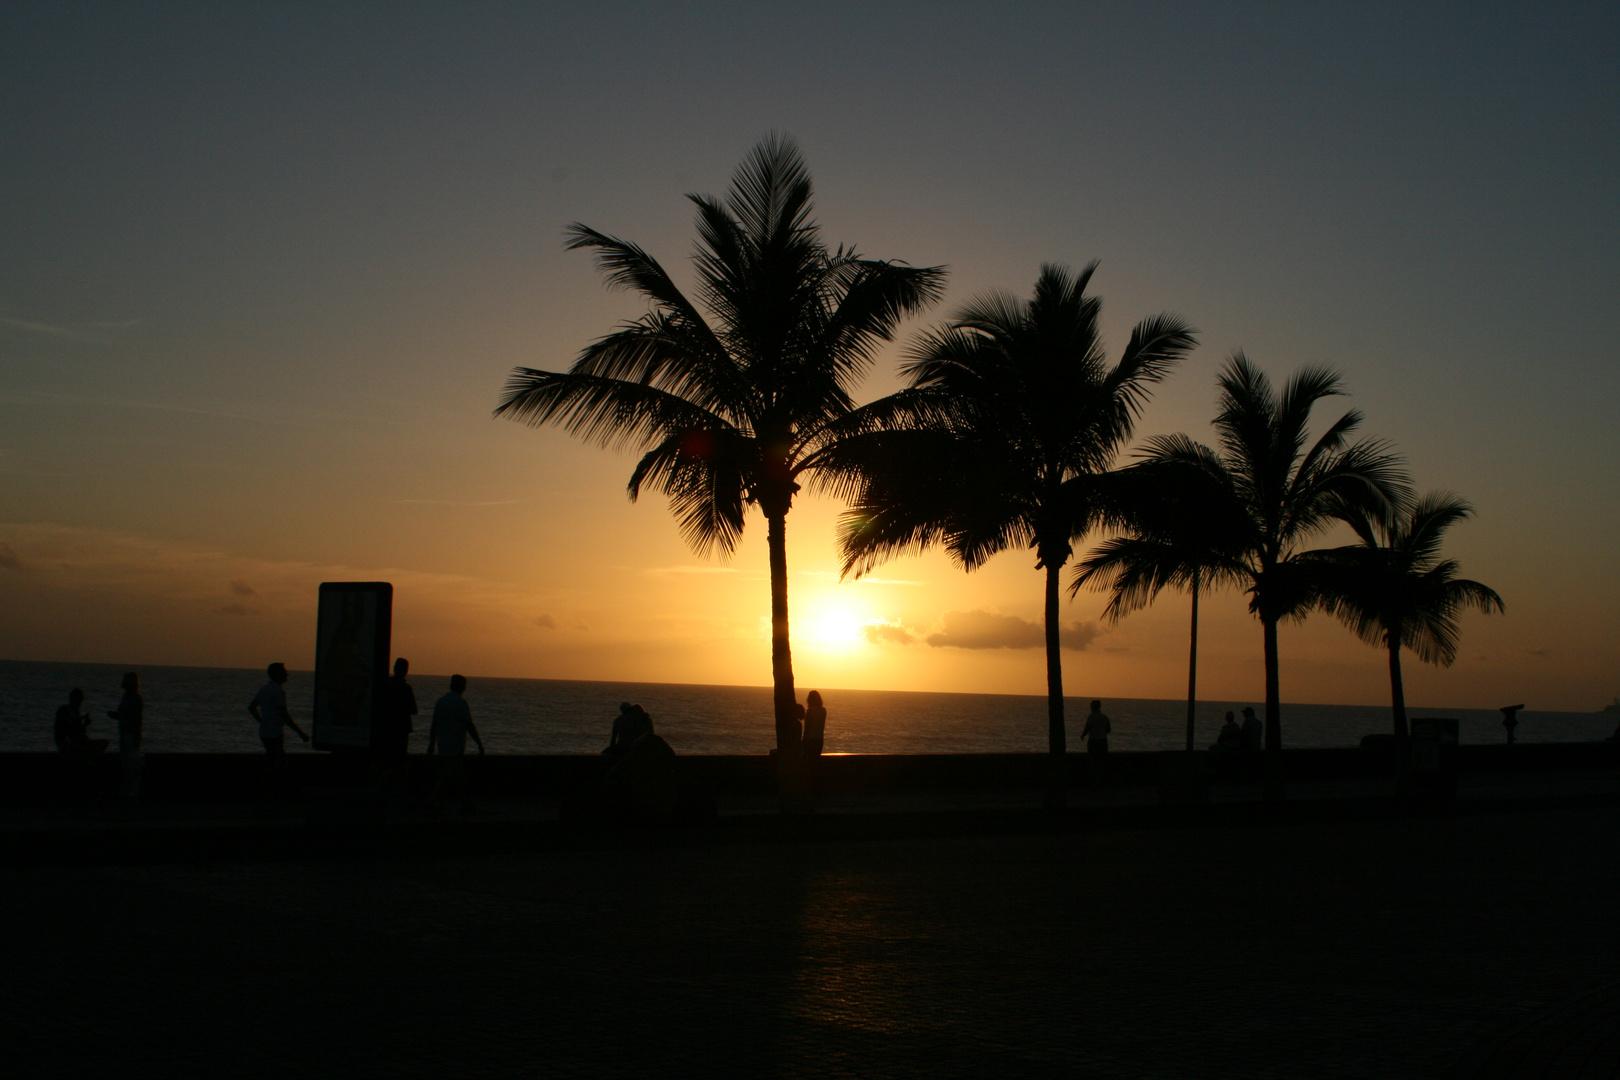 Puesta de sol en Canarias